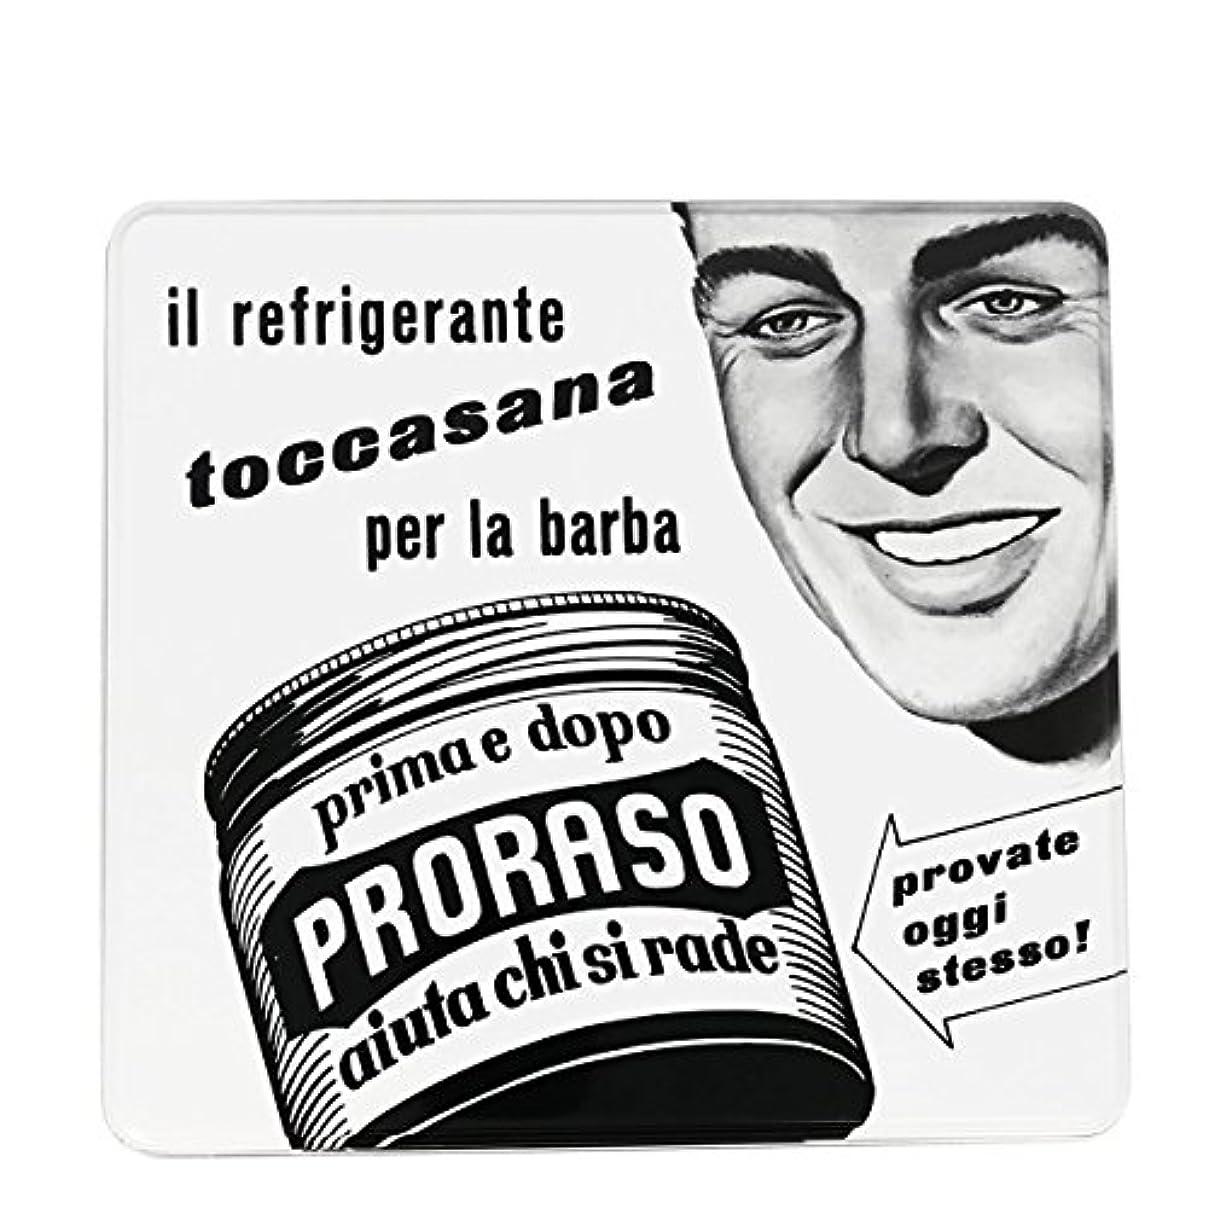 切手バター悲惨なProraso Toccasana ヴィンテージ センシティブ セレクション缶 - White Range[海外直送品] [並行輸入品]